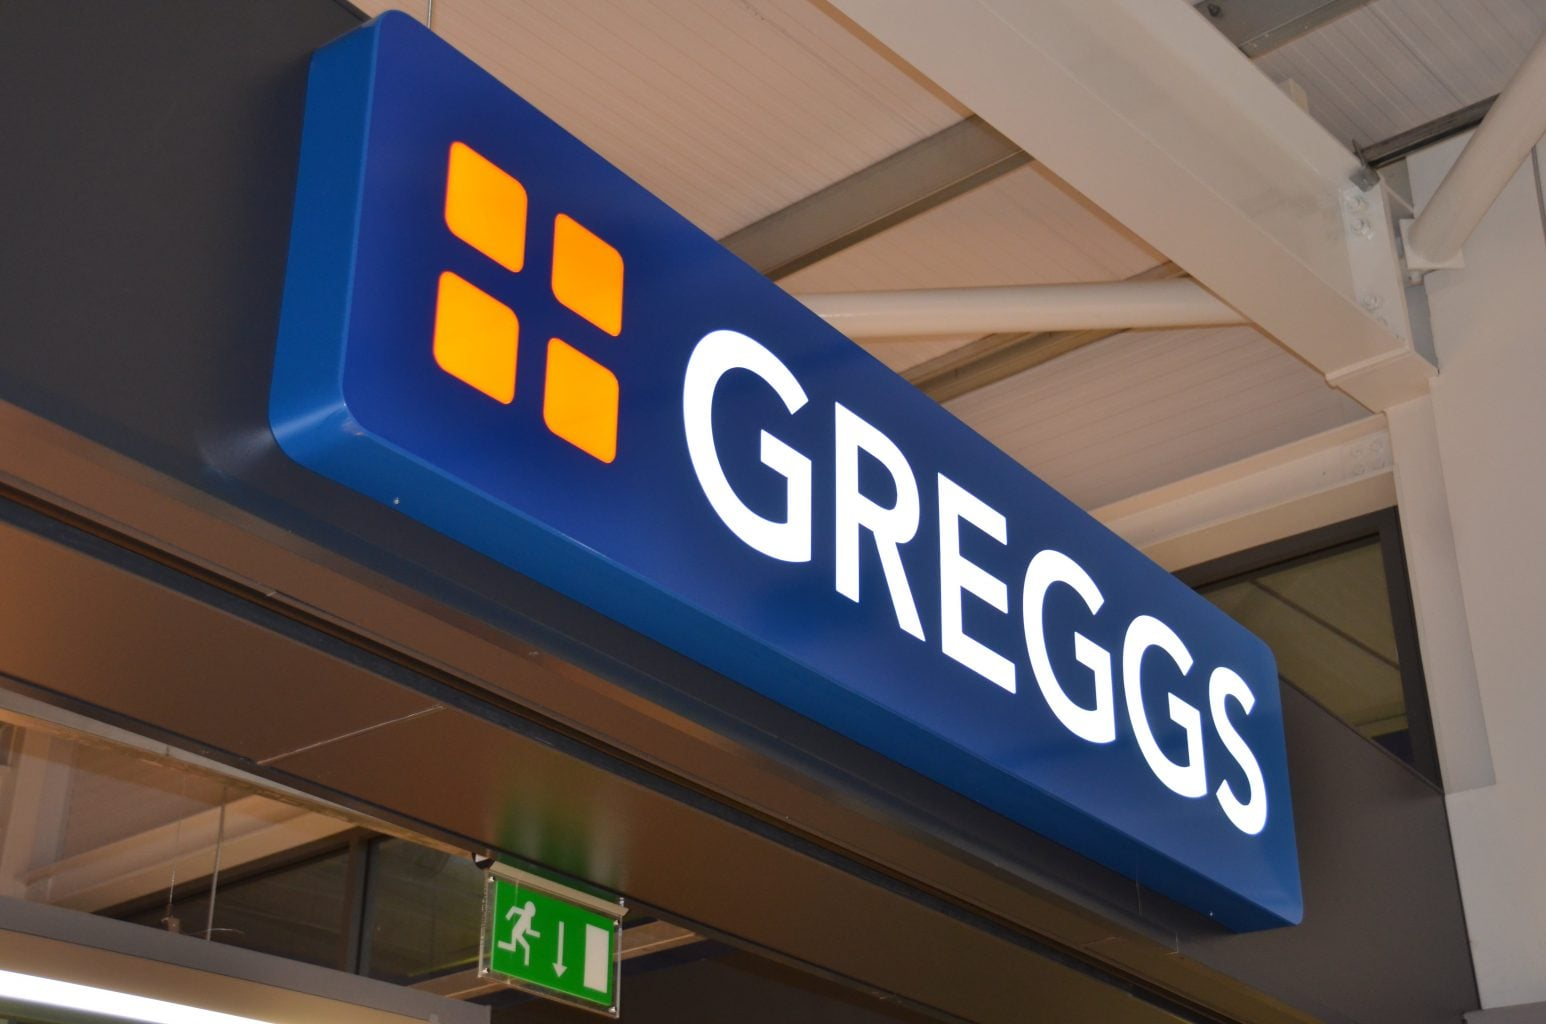 Greggs illuminated sign tray